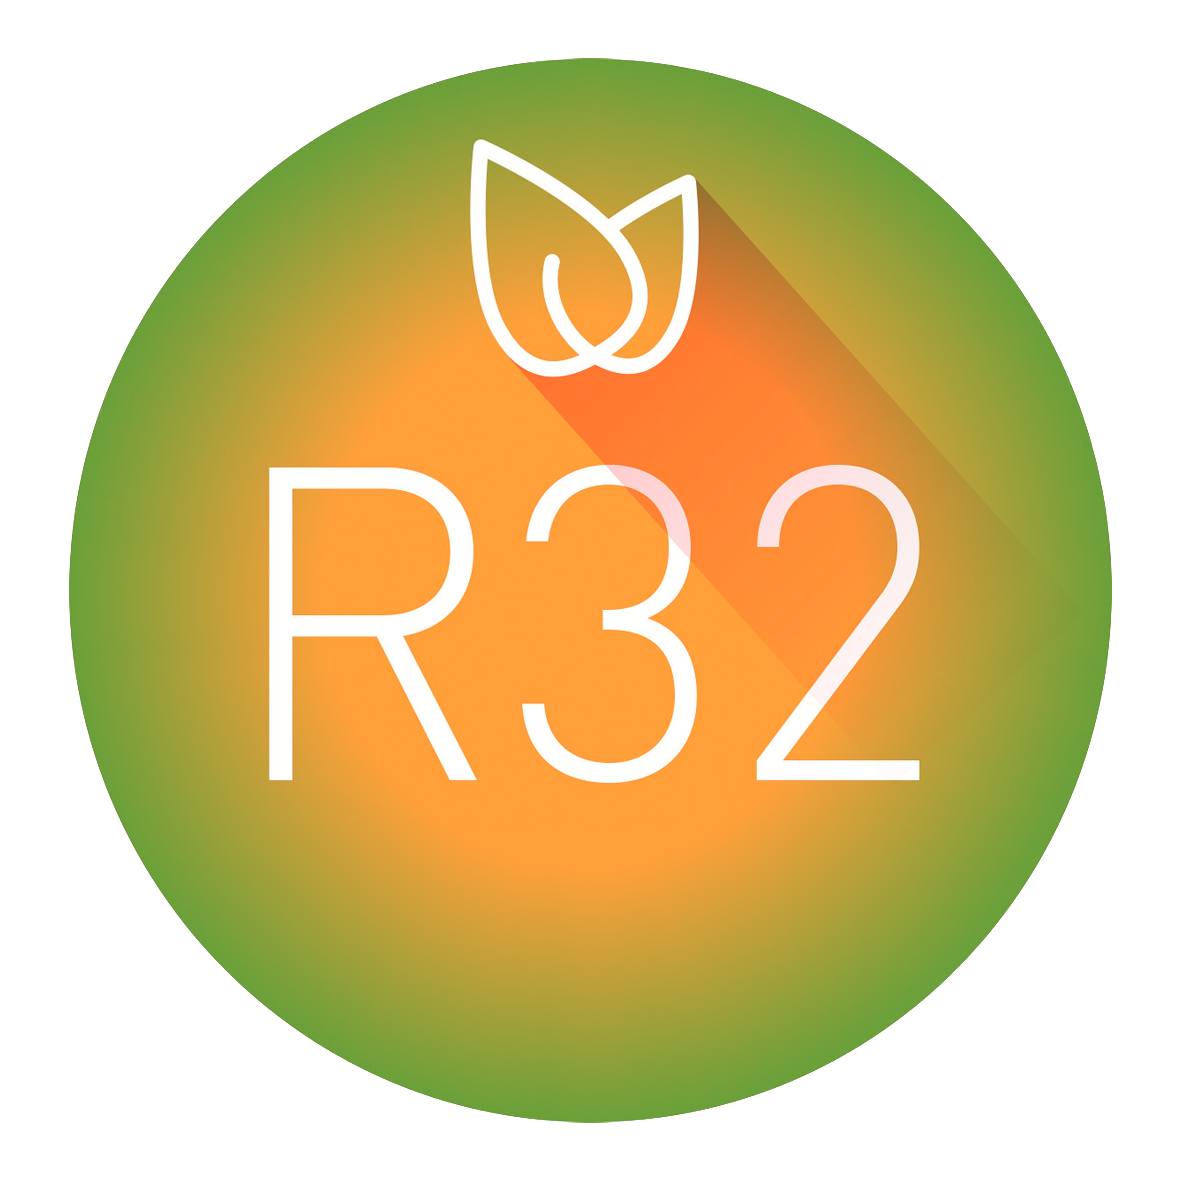 R32 Koudemiddel Airco voor in huis